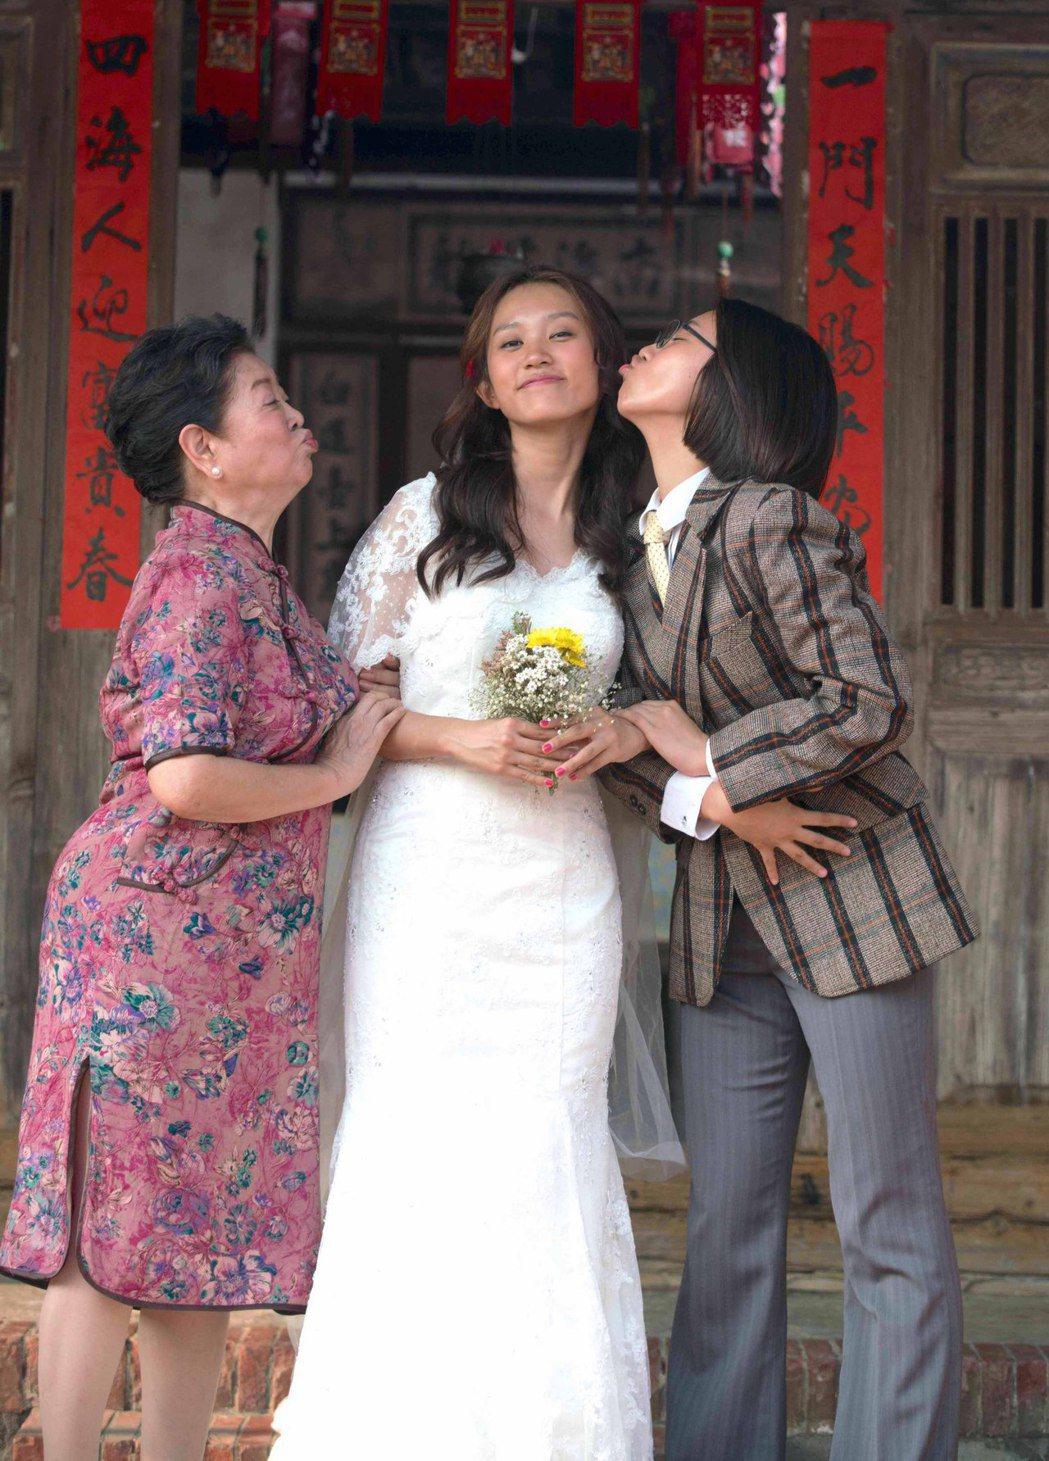 陳淑芳(左)飾演過去曾開西裝店的縫紉師,與黃堯、顏卓靈拍婚紗照合影。圖/星泰提供